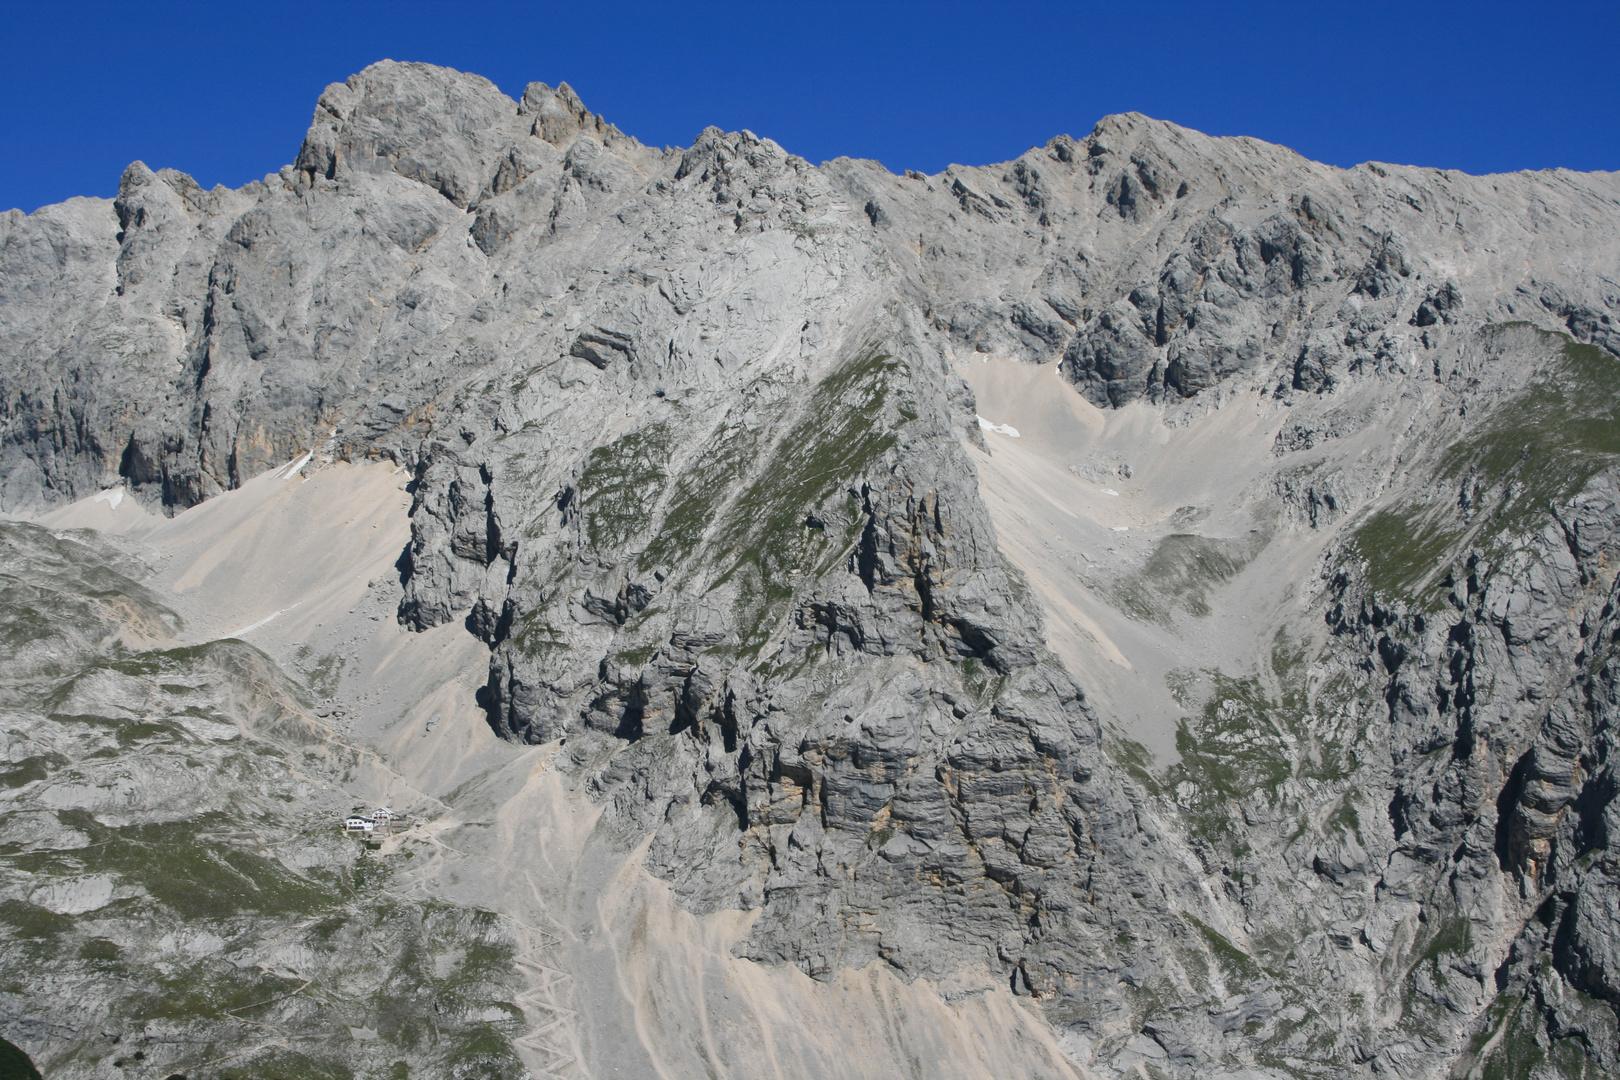 Höllentalspitze & Knorrhütte